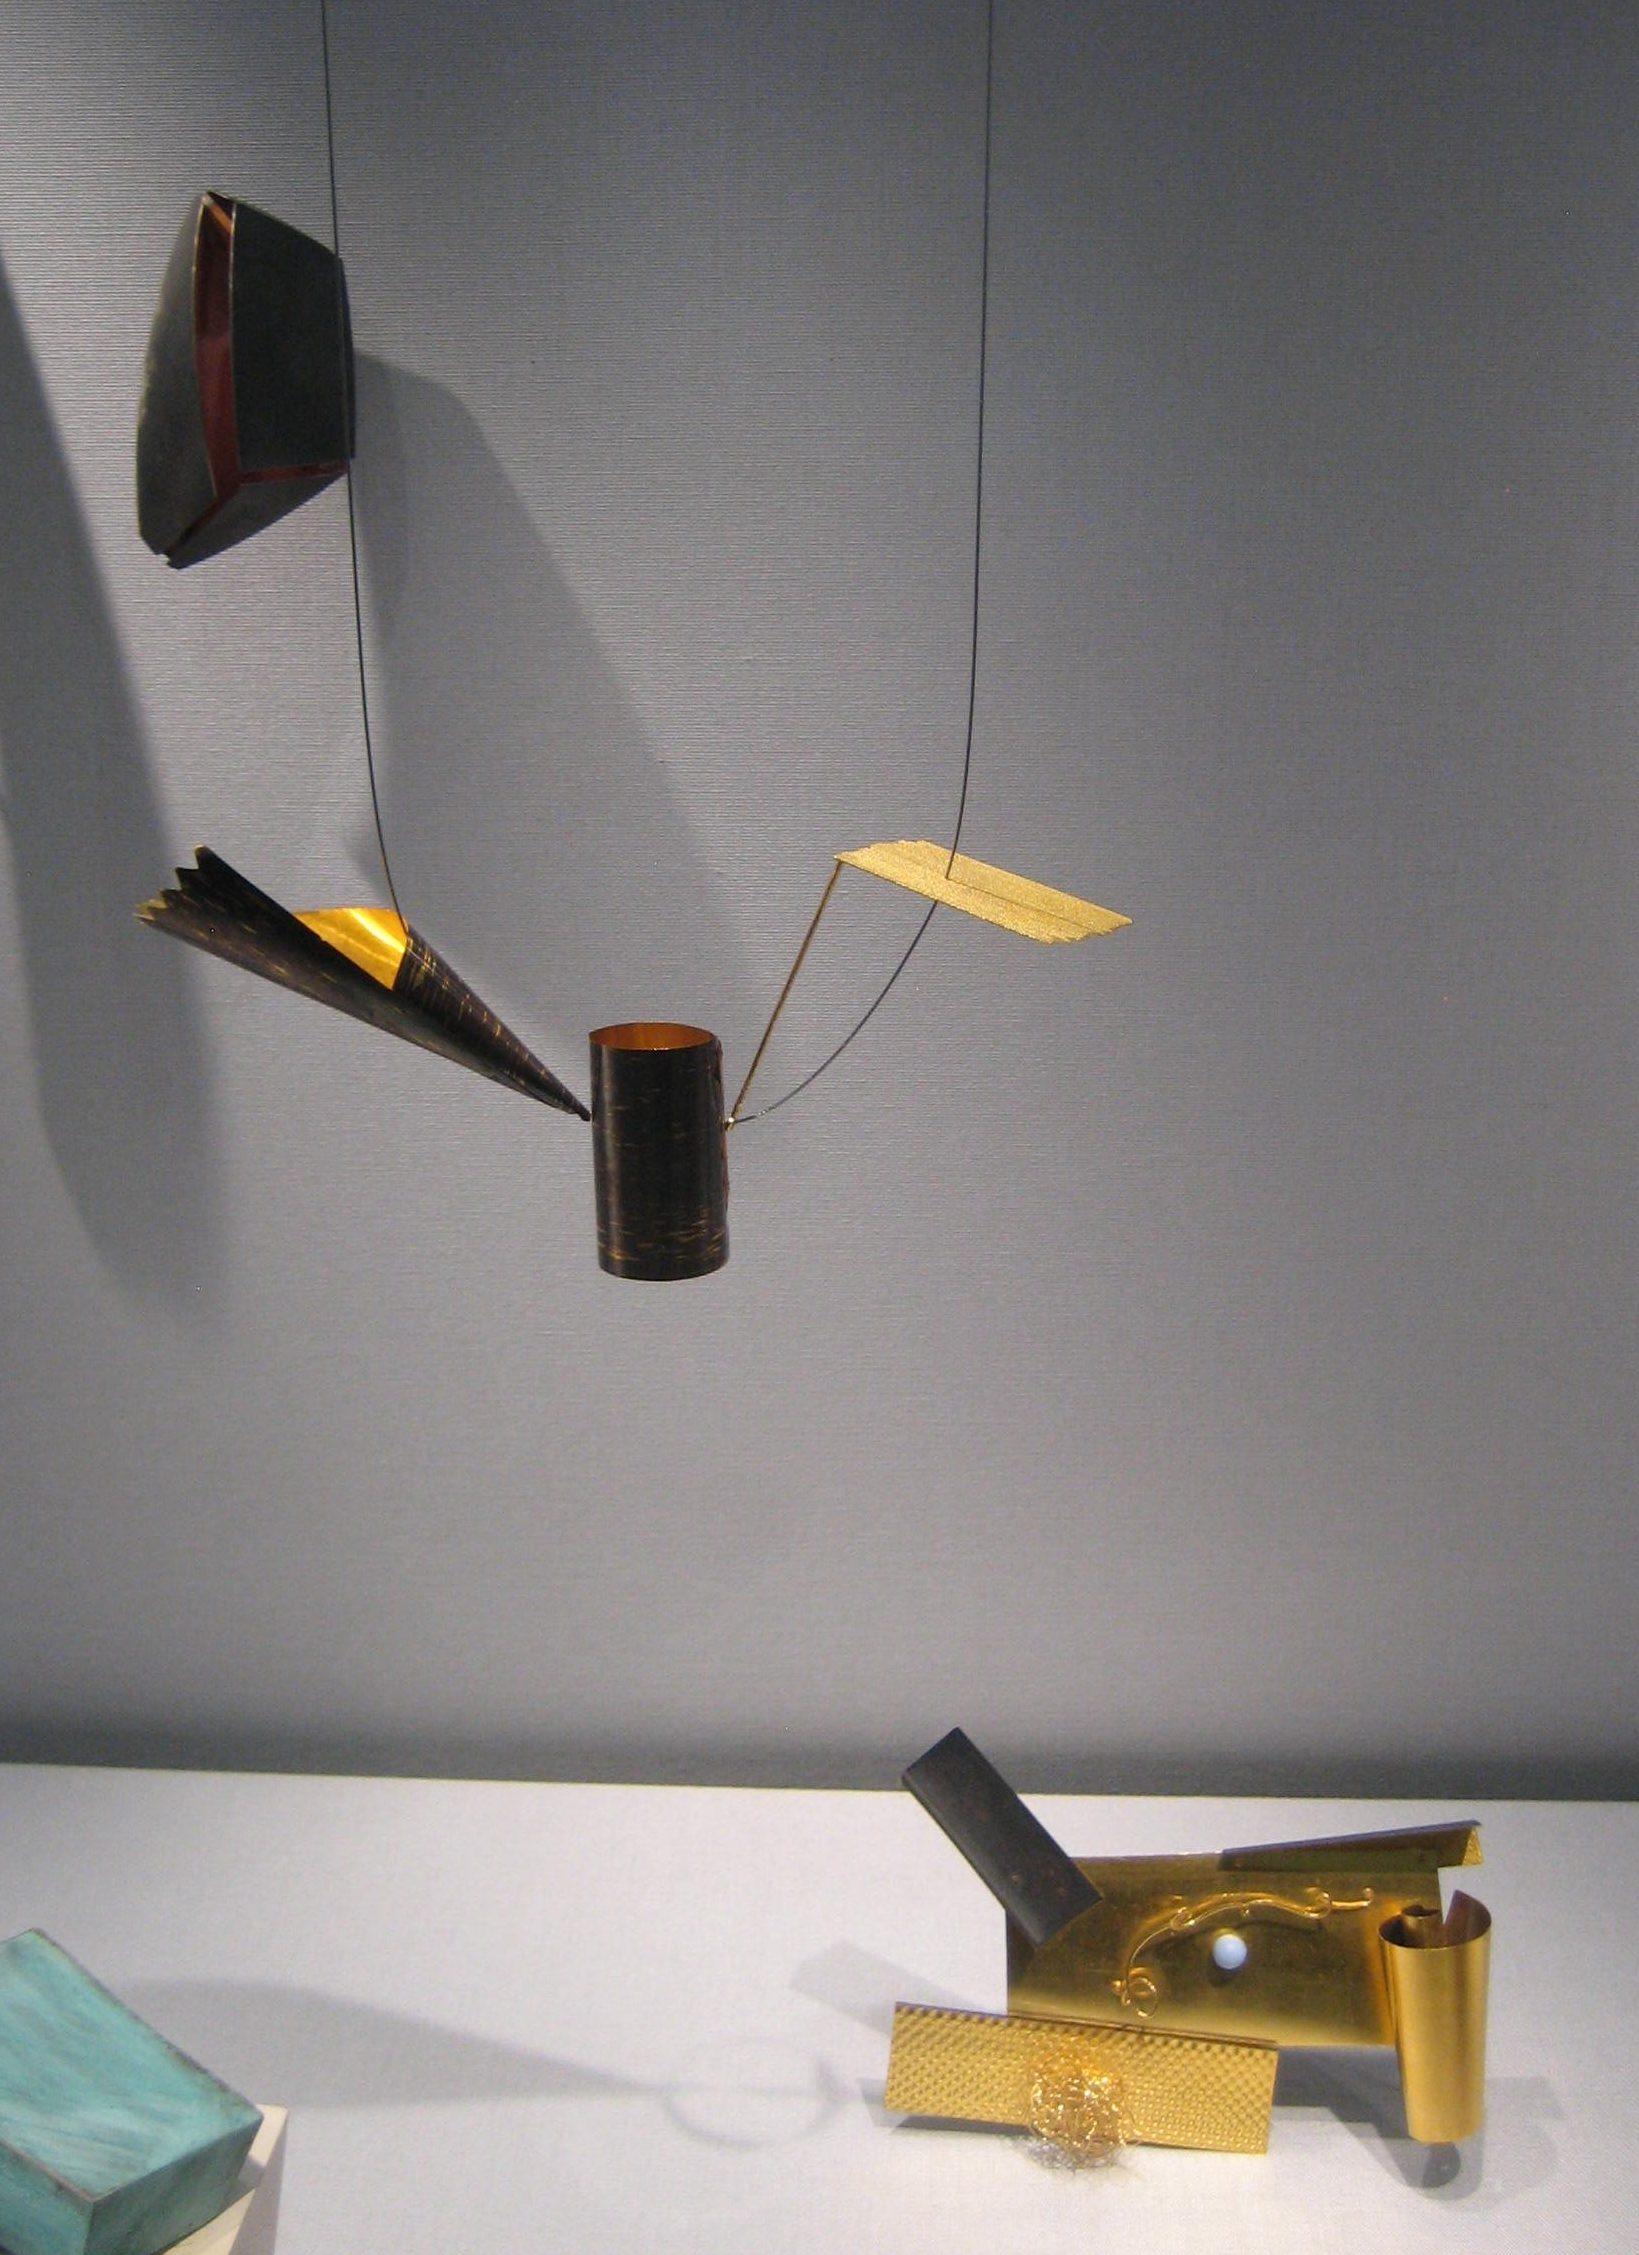 Broche; Robert Smit, halssieraad, 1985; Bello as a still life, broche, 1992. Collectie Schmuckmuseum Pforzheim. Foto Coert Peter Krabbe, mei 2019, goud, staal, parel